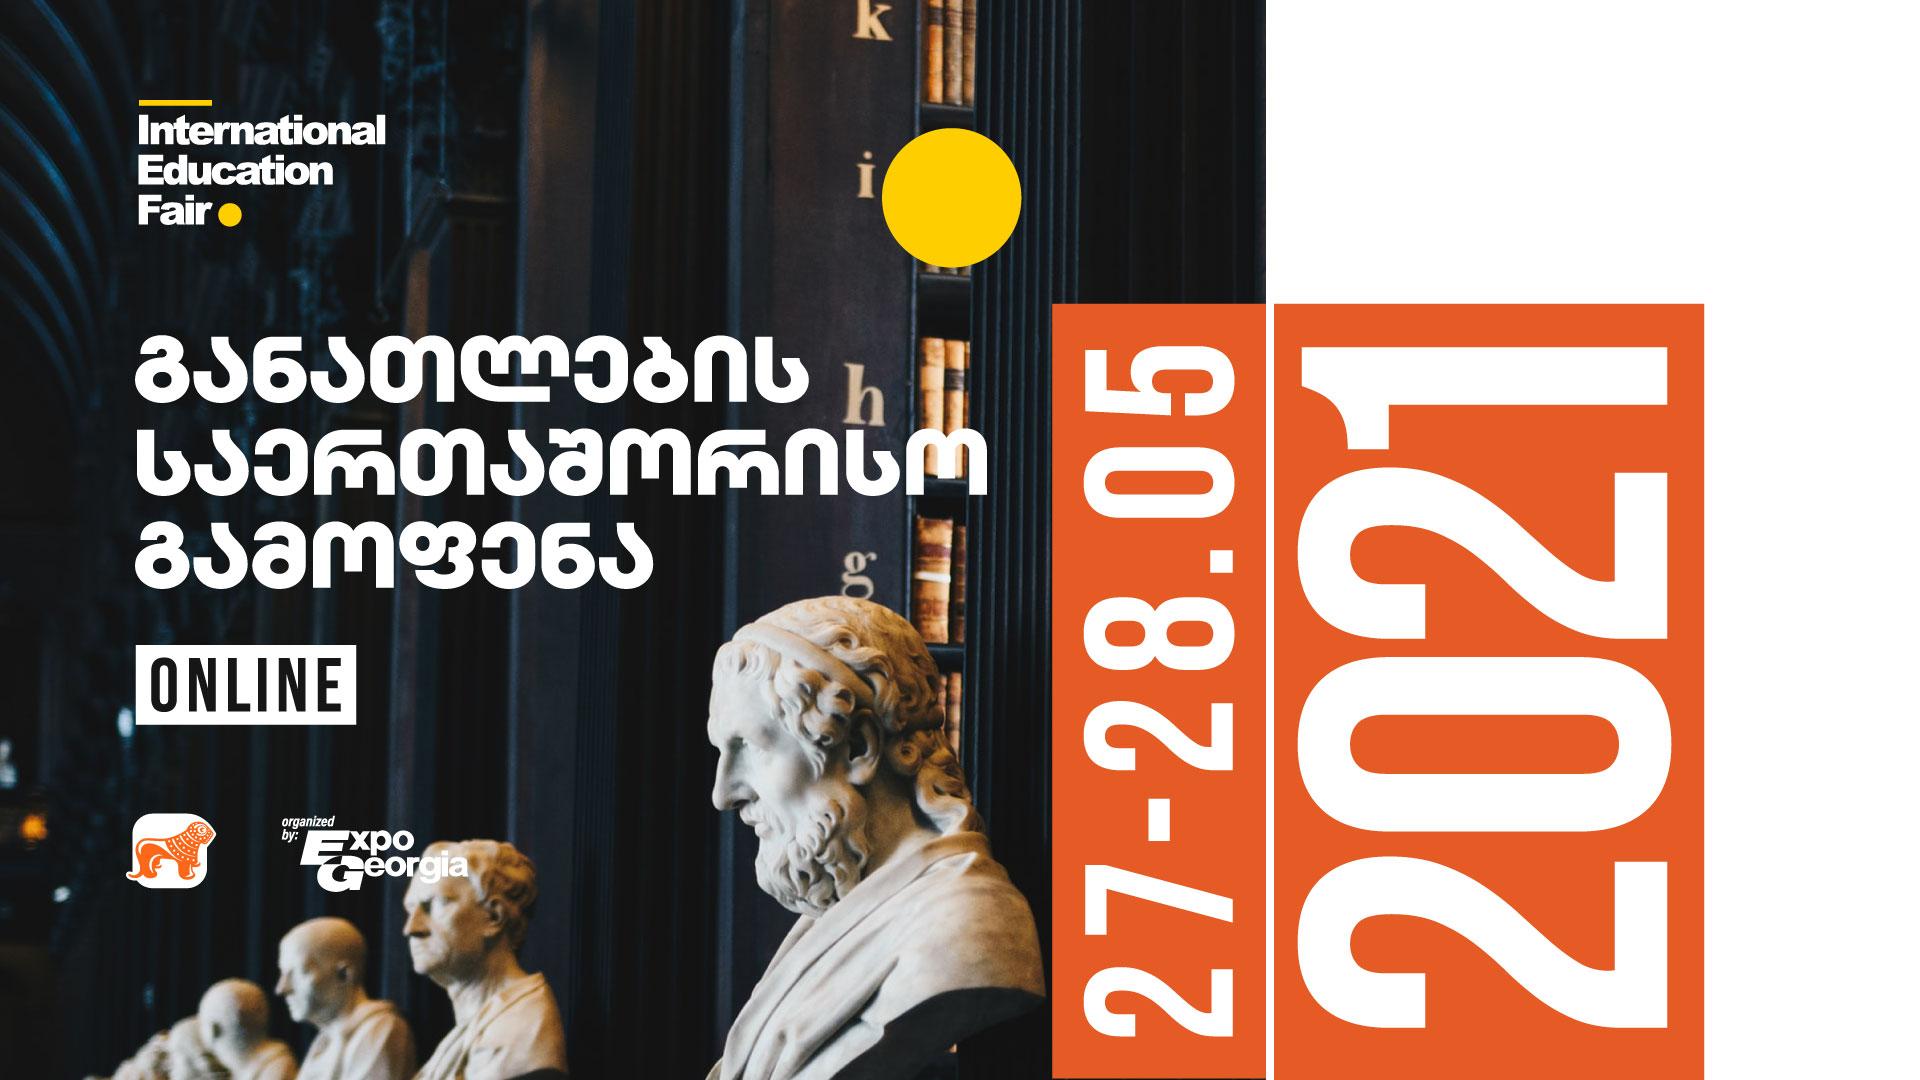 საქართველოს ბანკის მხარდაჭერით რიგით მე-11 განათლების საერთაშორისო გამოფენა  გაიმართა